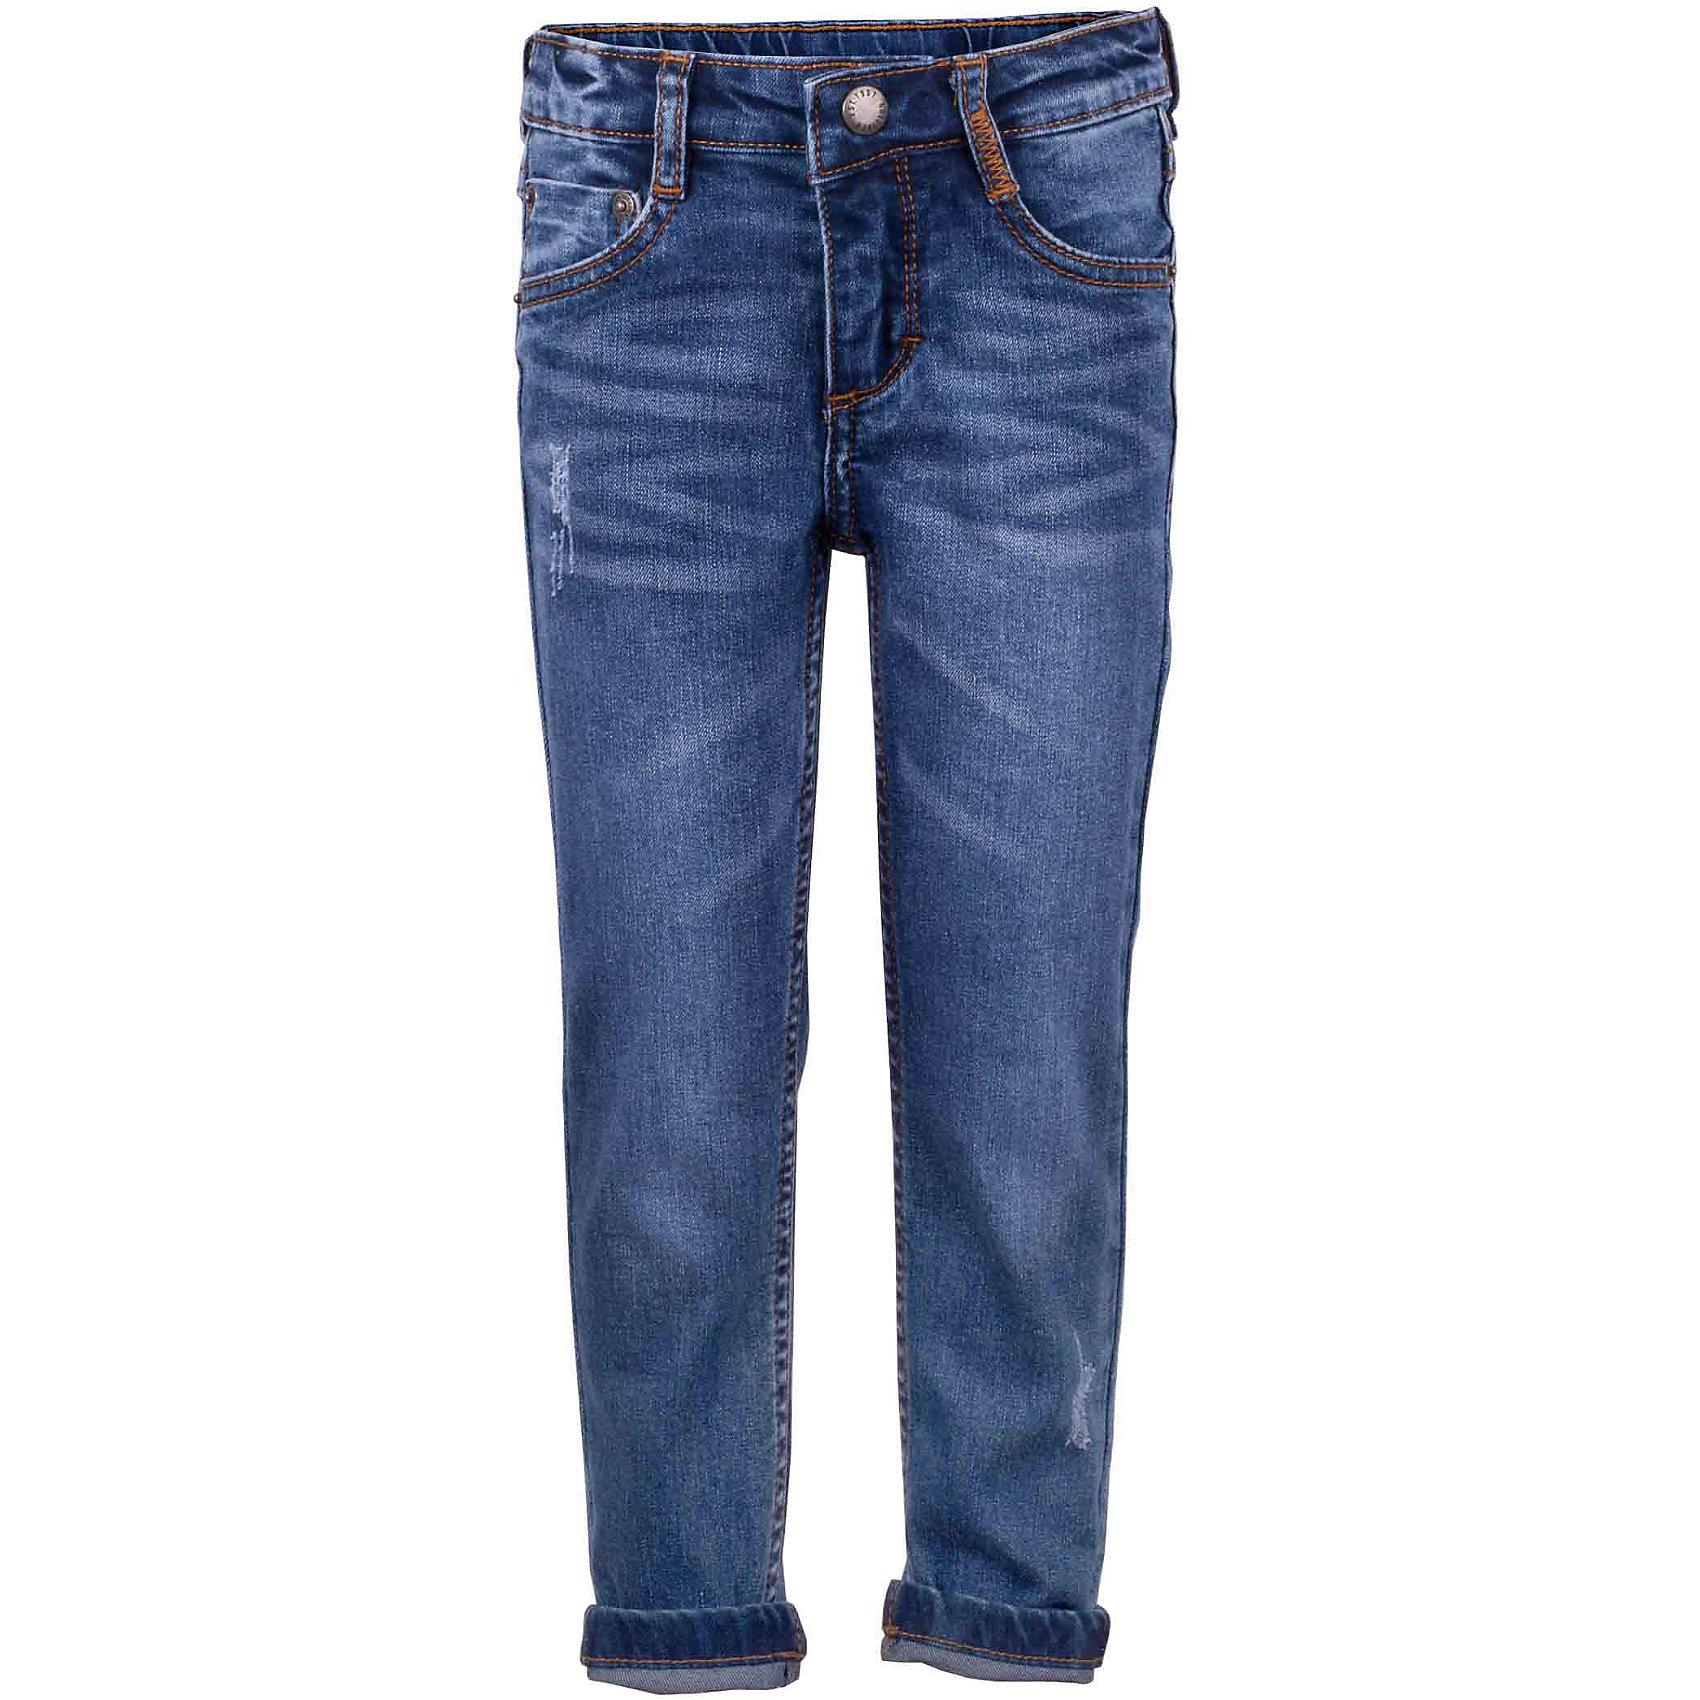 Джинсы для девочки GulliverДжинсовая одежда<br>Узкие вареные джинсы для девочки с актуальными потертостями и повреждениями сделают образ юной модницы ярким и современным! Синие джинсы, ставшие классикой повседневного стиля - идеальный вариант для теплой весенней погоды. Если вы хотите купить детские джинсы, но не можете определиться с моделью, джинсы из коллекции Коралловые рифы - оптимальное решение! Удобные и практичные, джинсы из хлопка с эластаном гарантируют свободу движений, а также красивое и комфортное прилегание к фигуре.<br>Состав:<br>98% хлопок      2% эластан<br><br>Ширина мм: 215<br>Глубина мм: 88<br>Высота мм: 191<br>Вес г: 336<br>Цвет: синий<br>Возраст от месяцев: 24<br>Возраст до месяцев: 36<br>Пол: Женский<br>Возраст: Детский<br>Размер: 116,98,104,110<br>SKU: 5483725